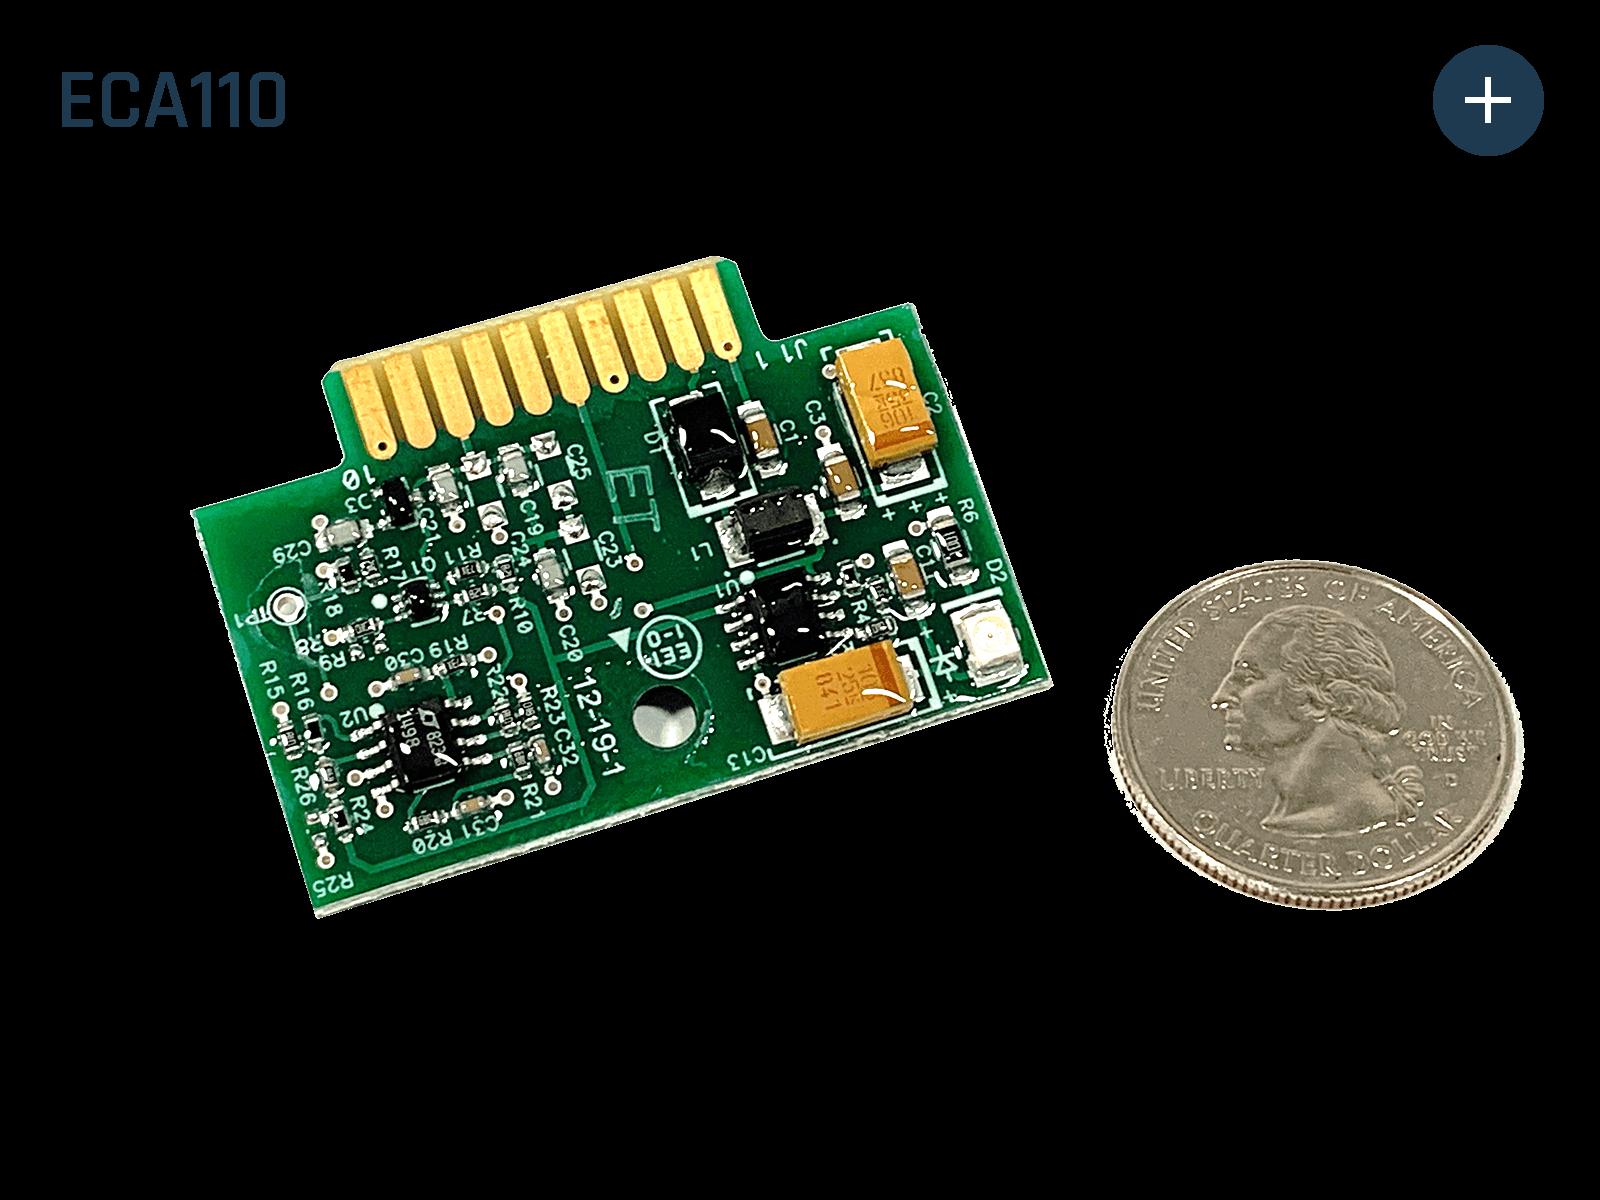 ECA110